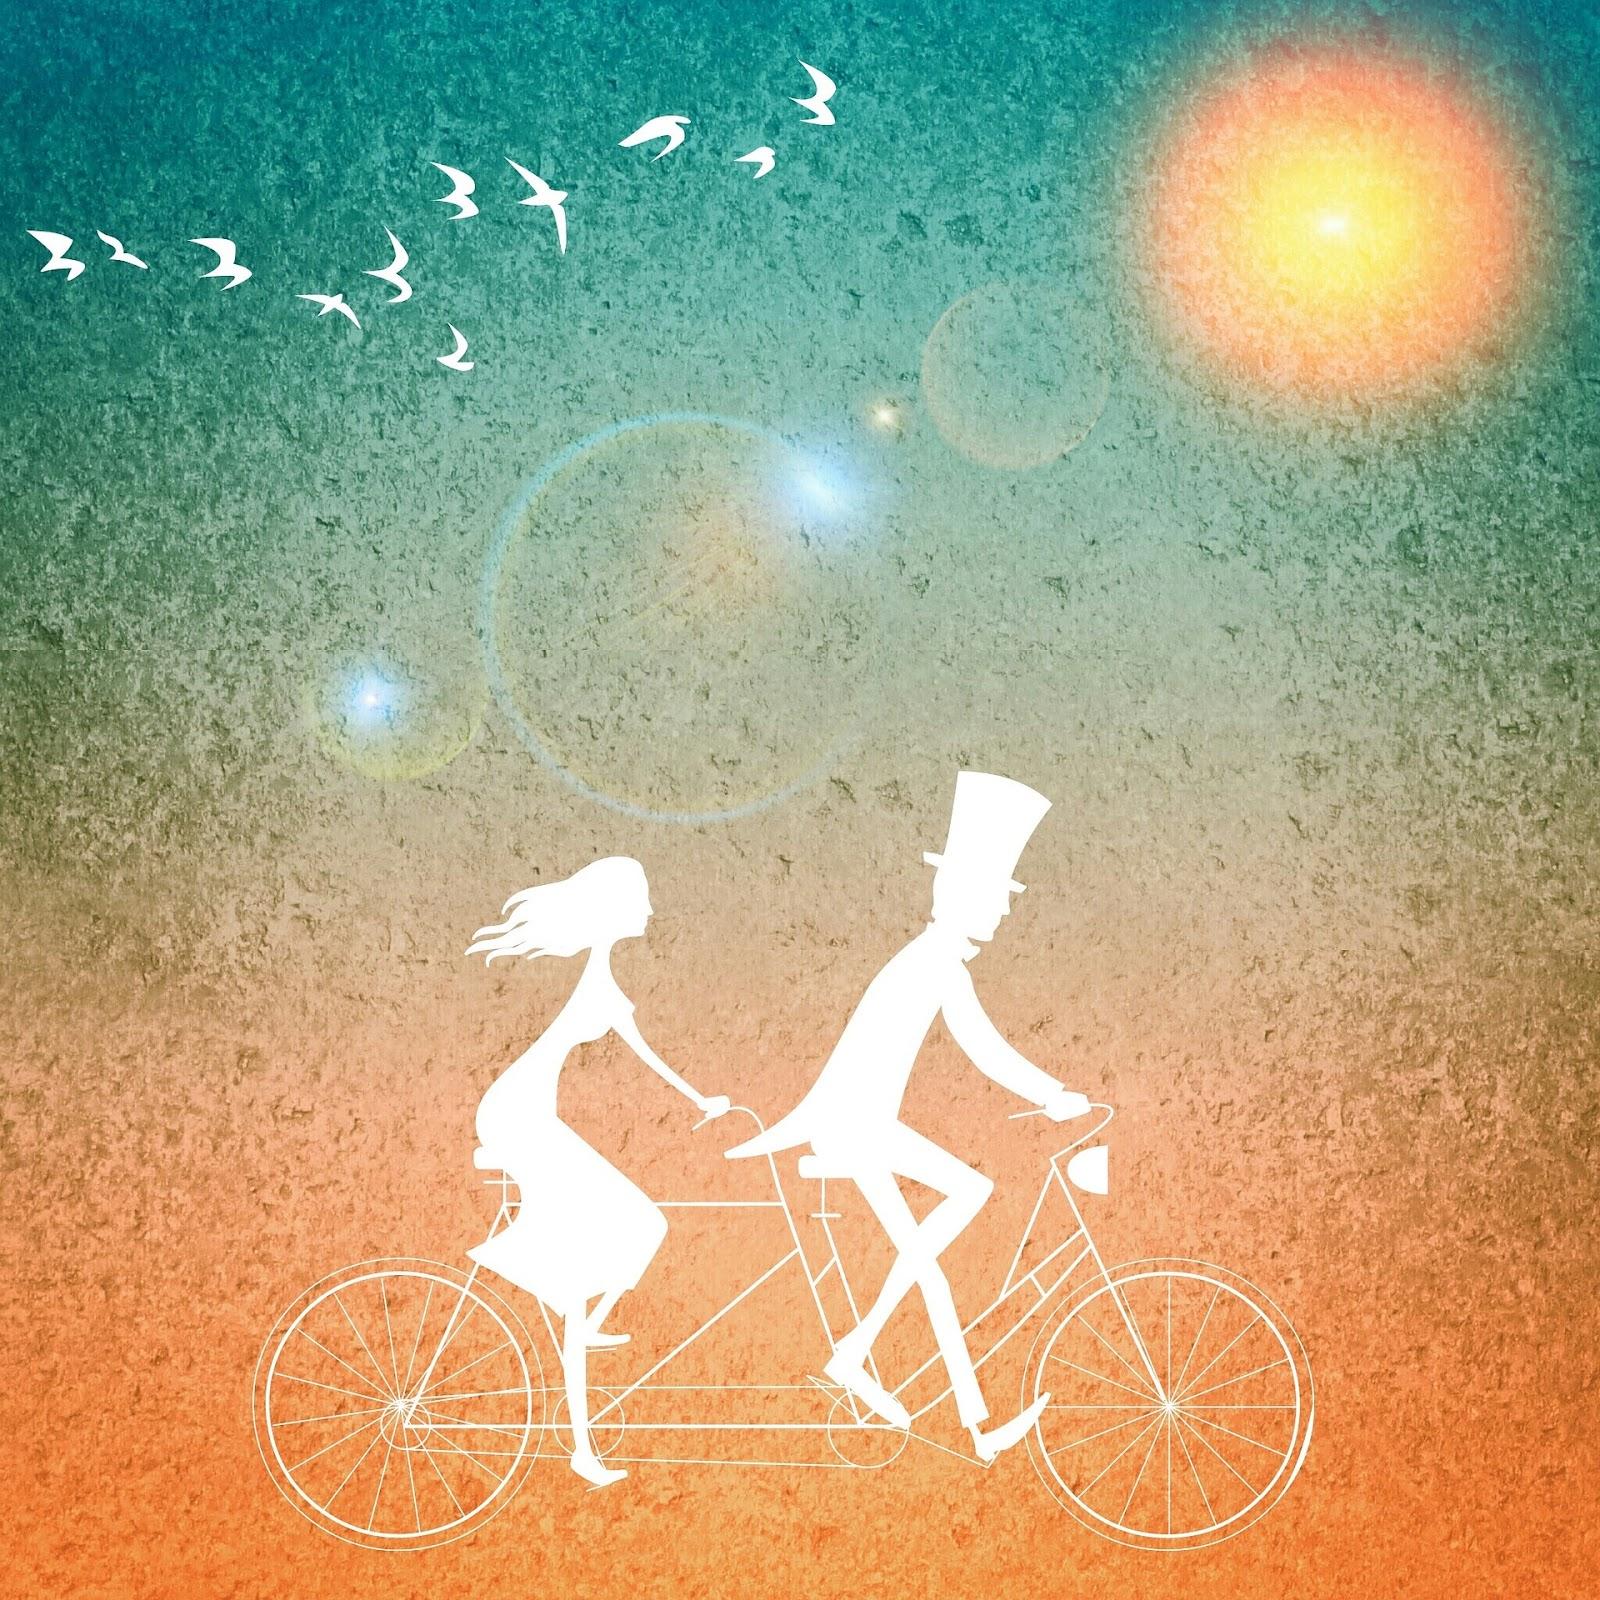 ציור של זוג רוכב על אופניים בשקיעה